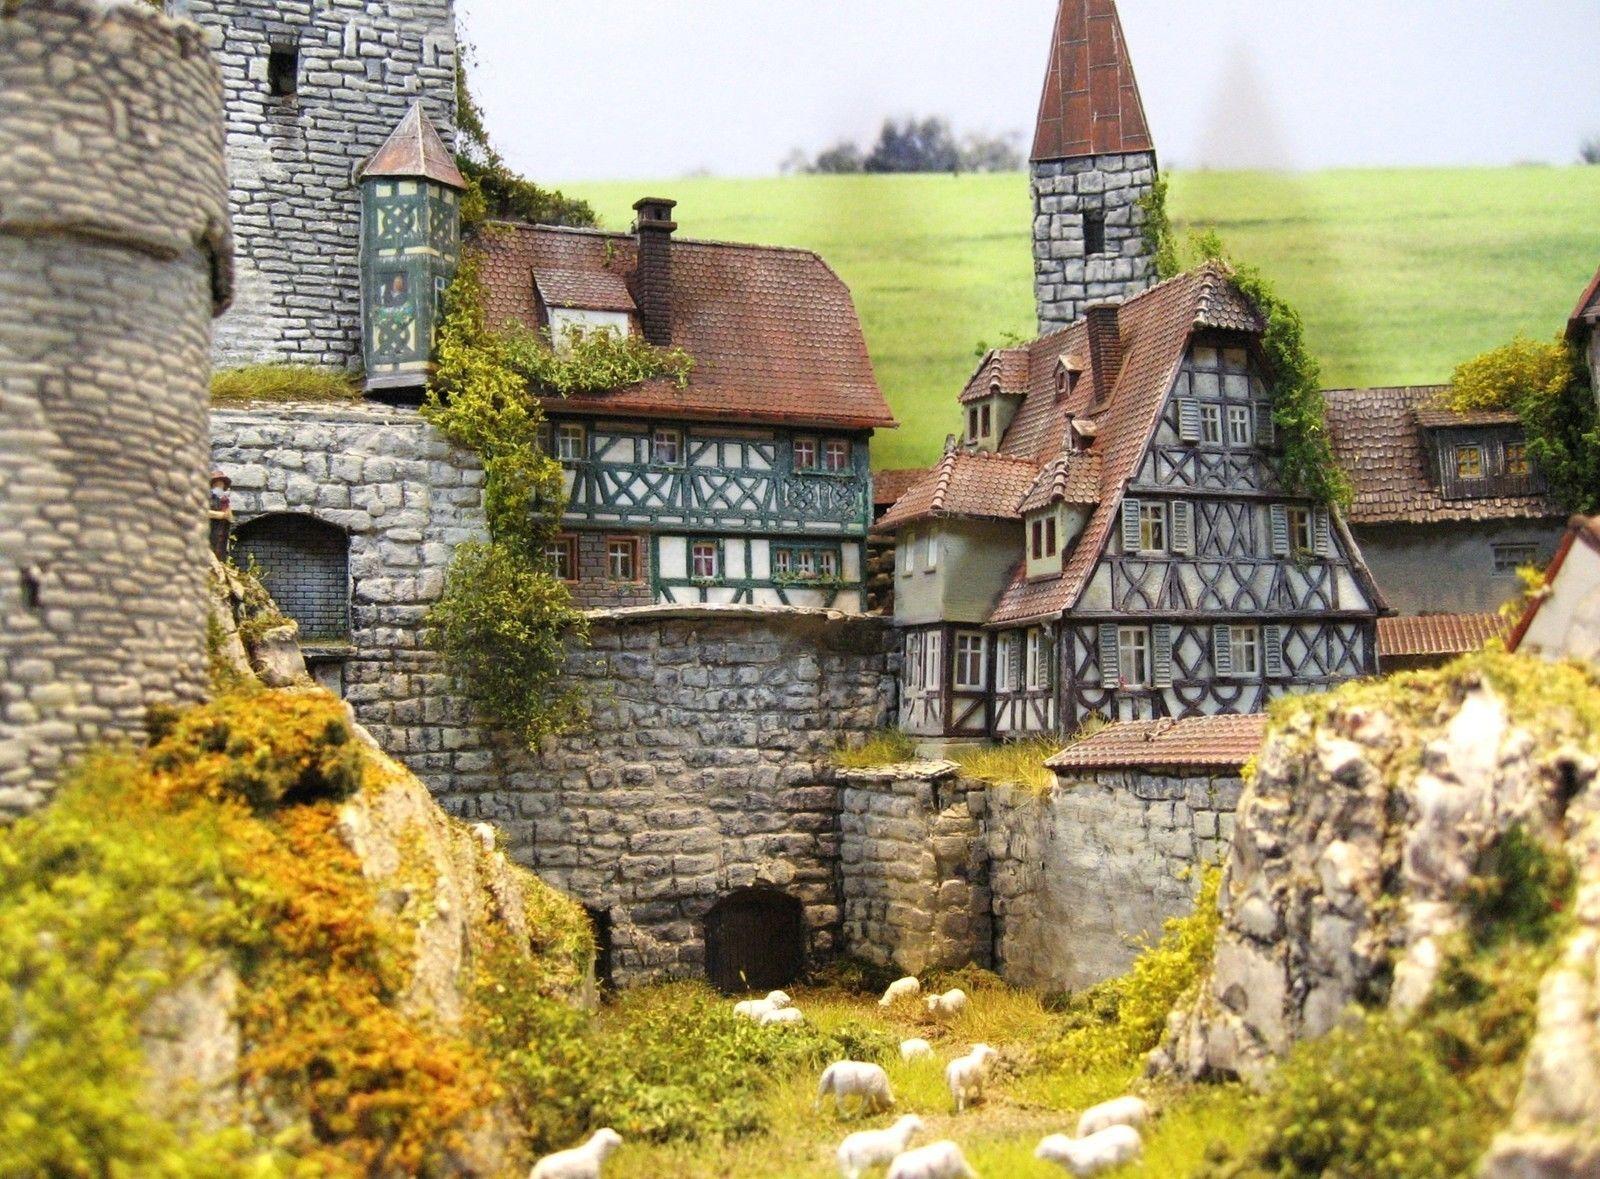 Burg Festung Diorama Burg Marienstein Architekturmodell Burg Bauen Festung